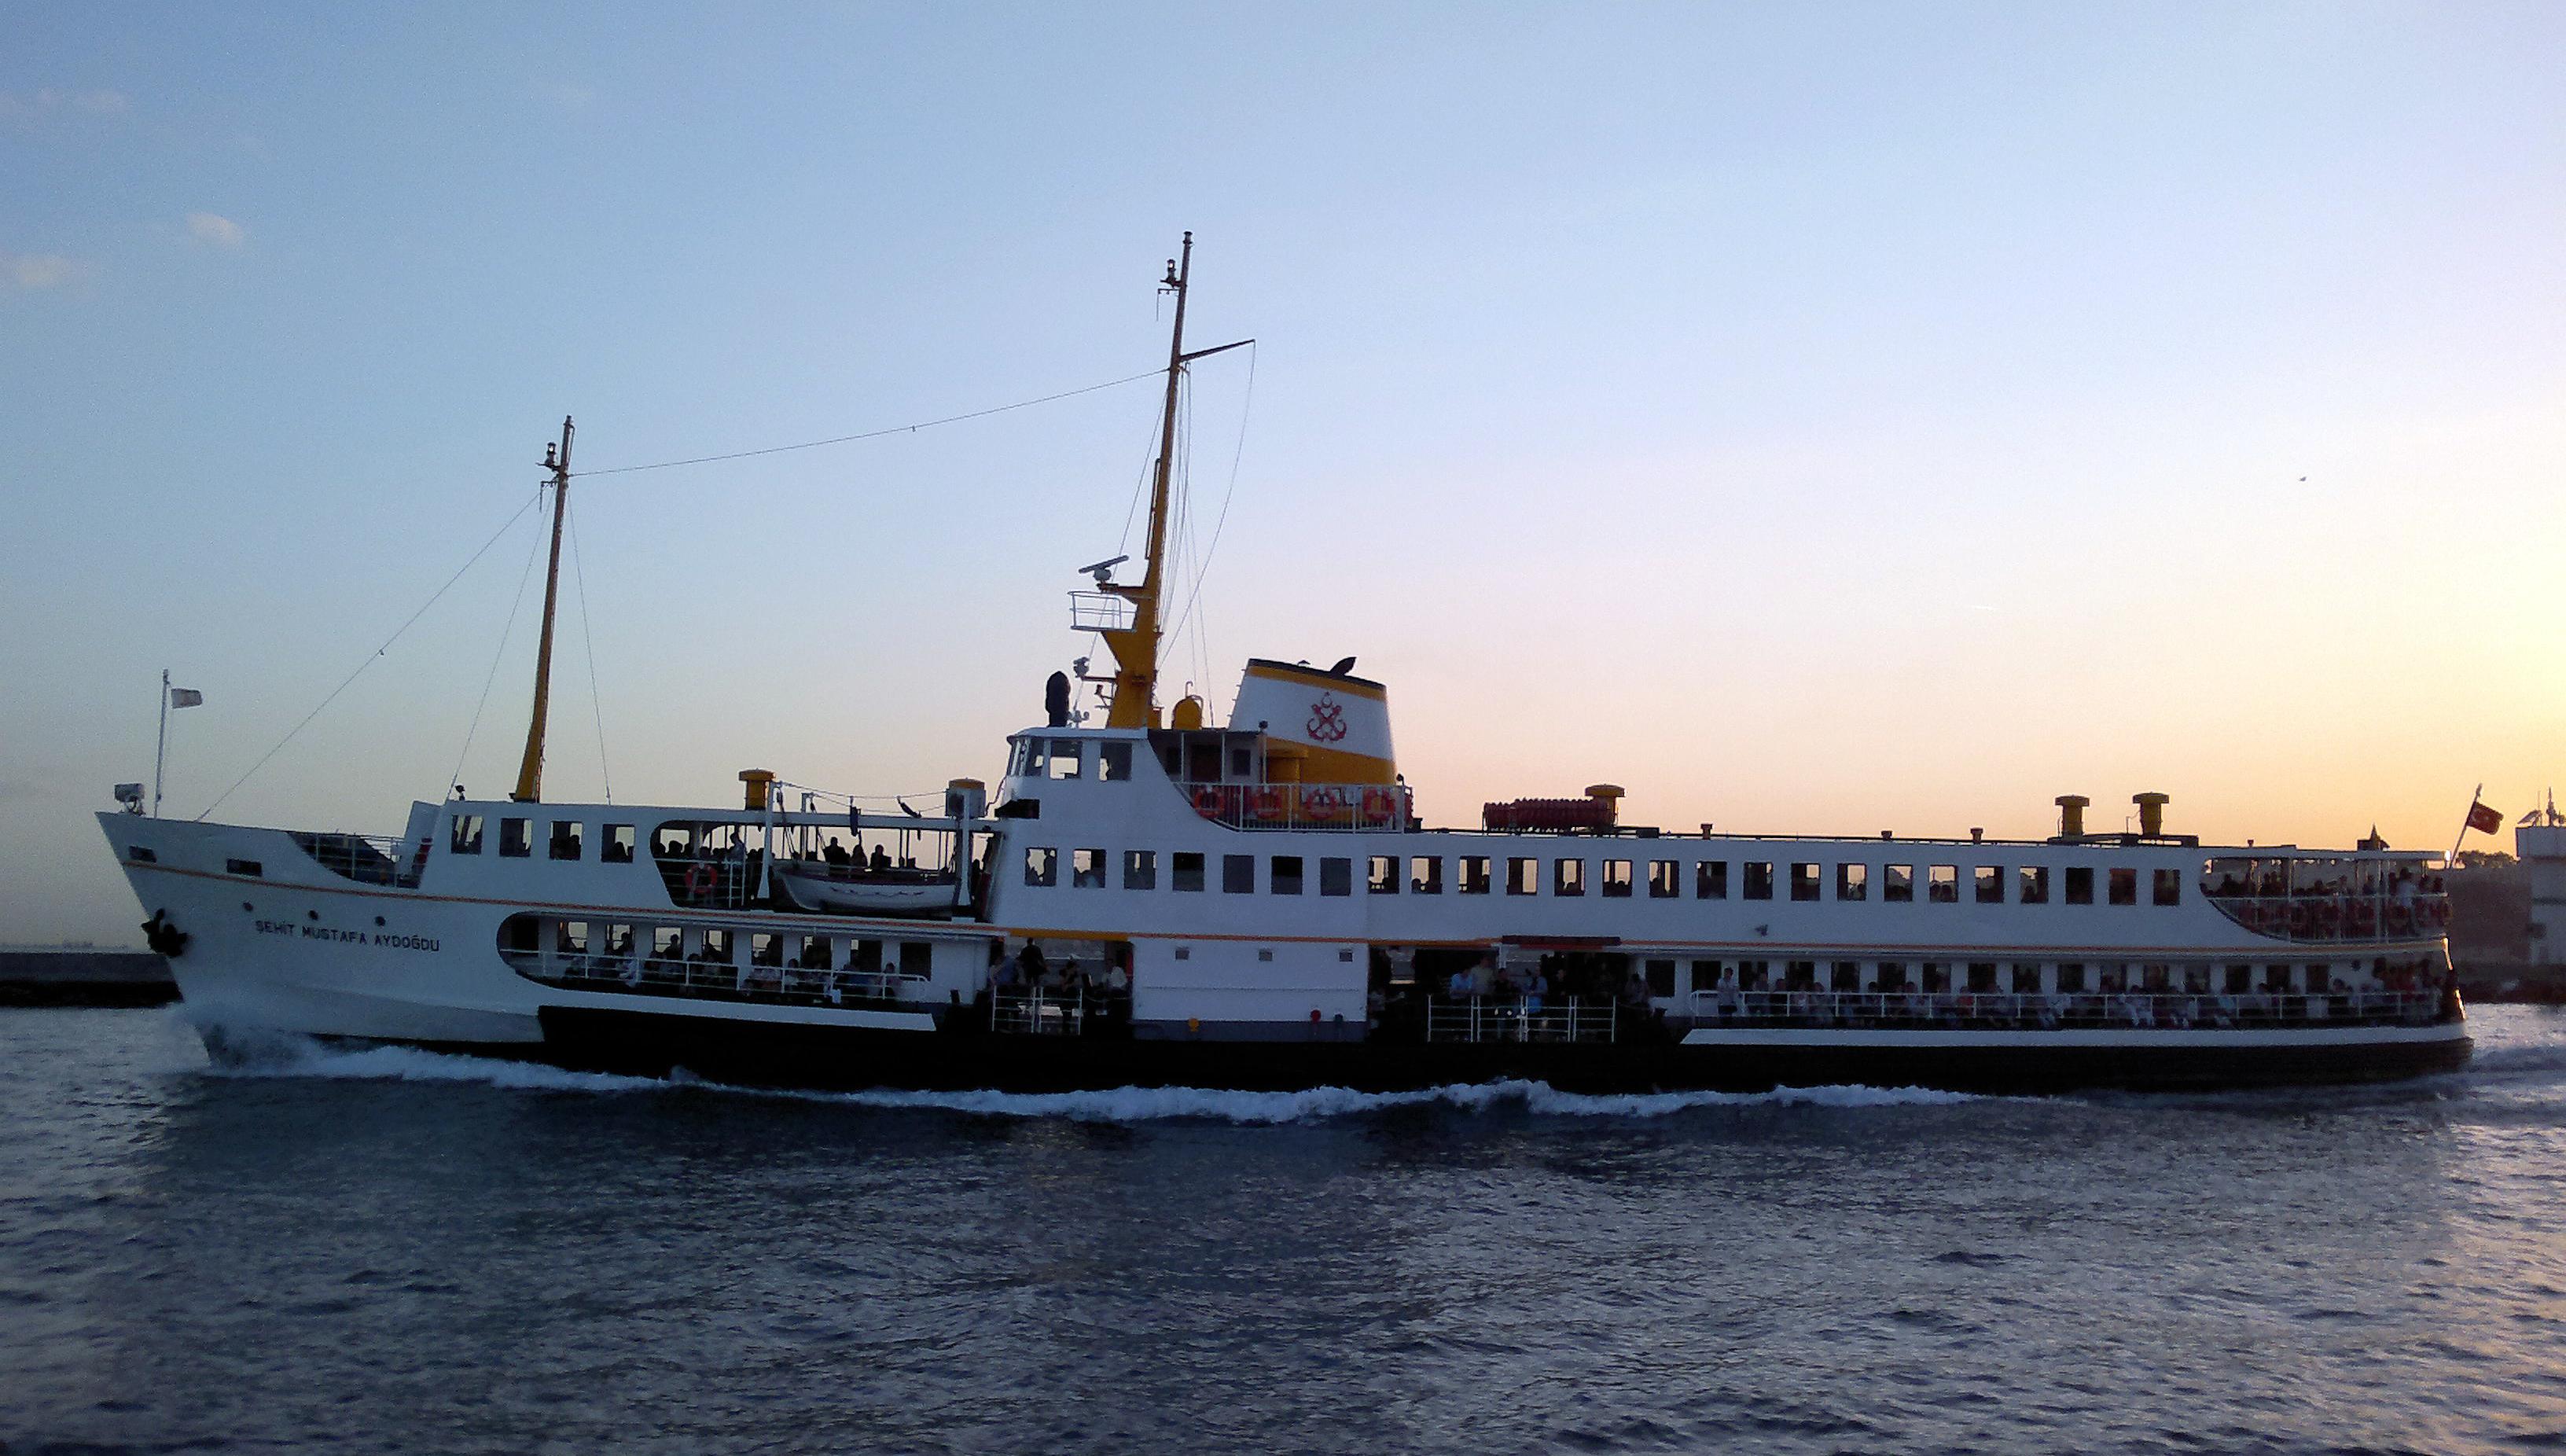 istanbul bosphorus ferries racing